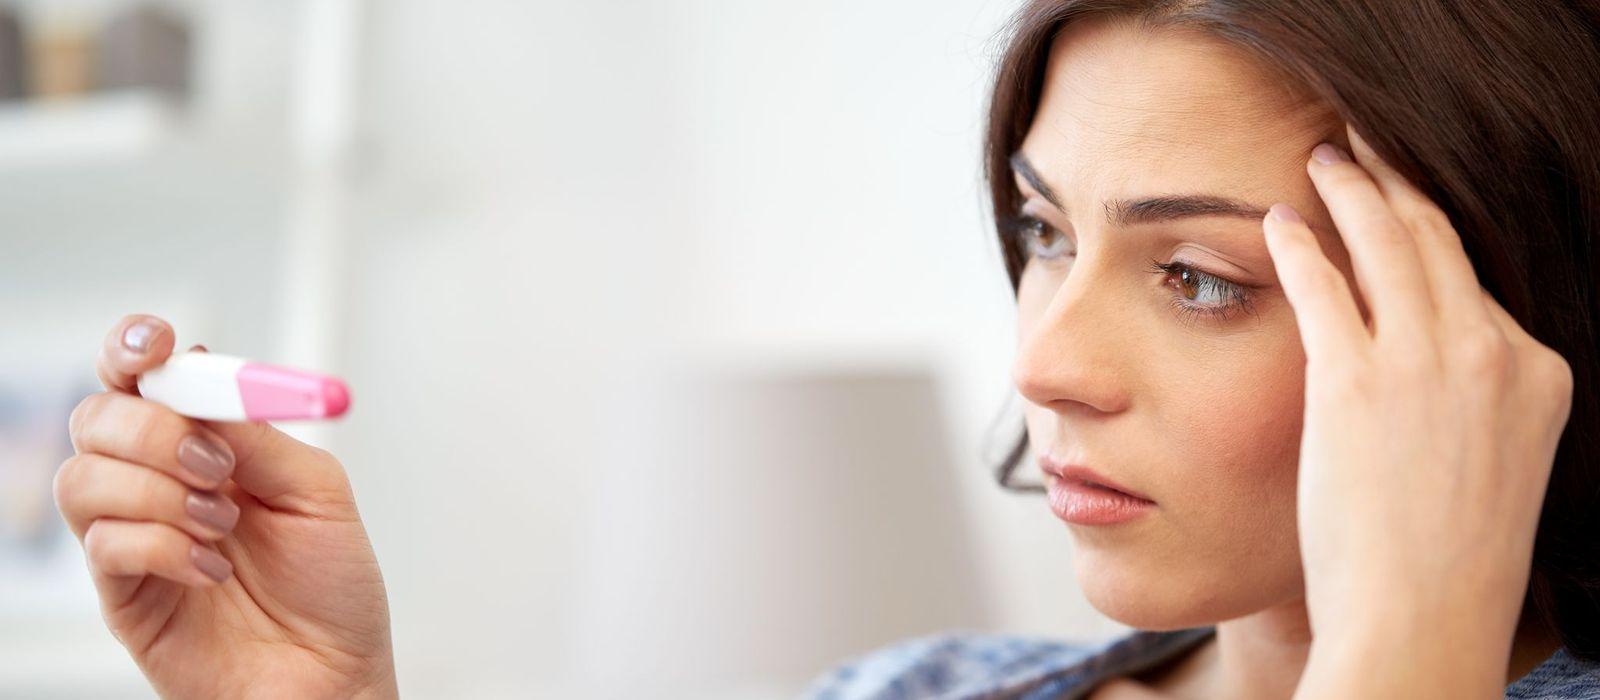 Eine Frau betrachtet einen Schwangerschaftstest, hält sich dabei den Kopf und hat einen kritischen/verzweifelten Blick.